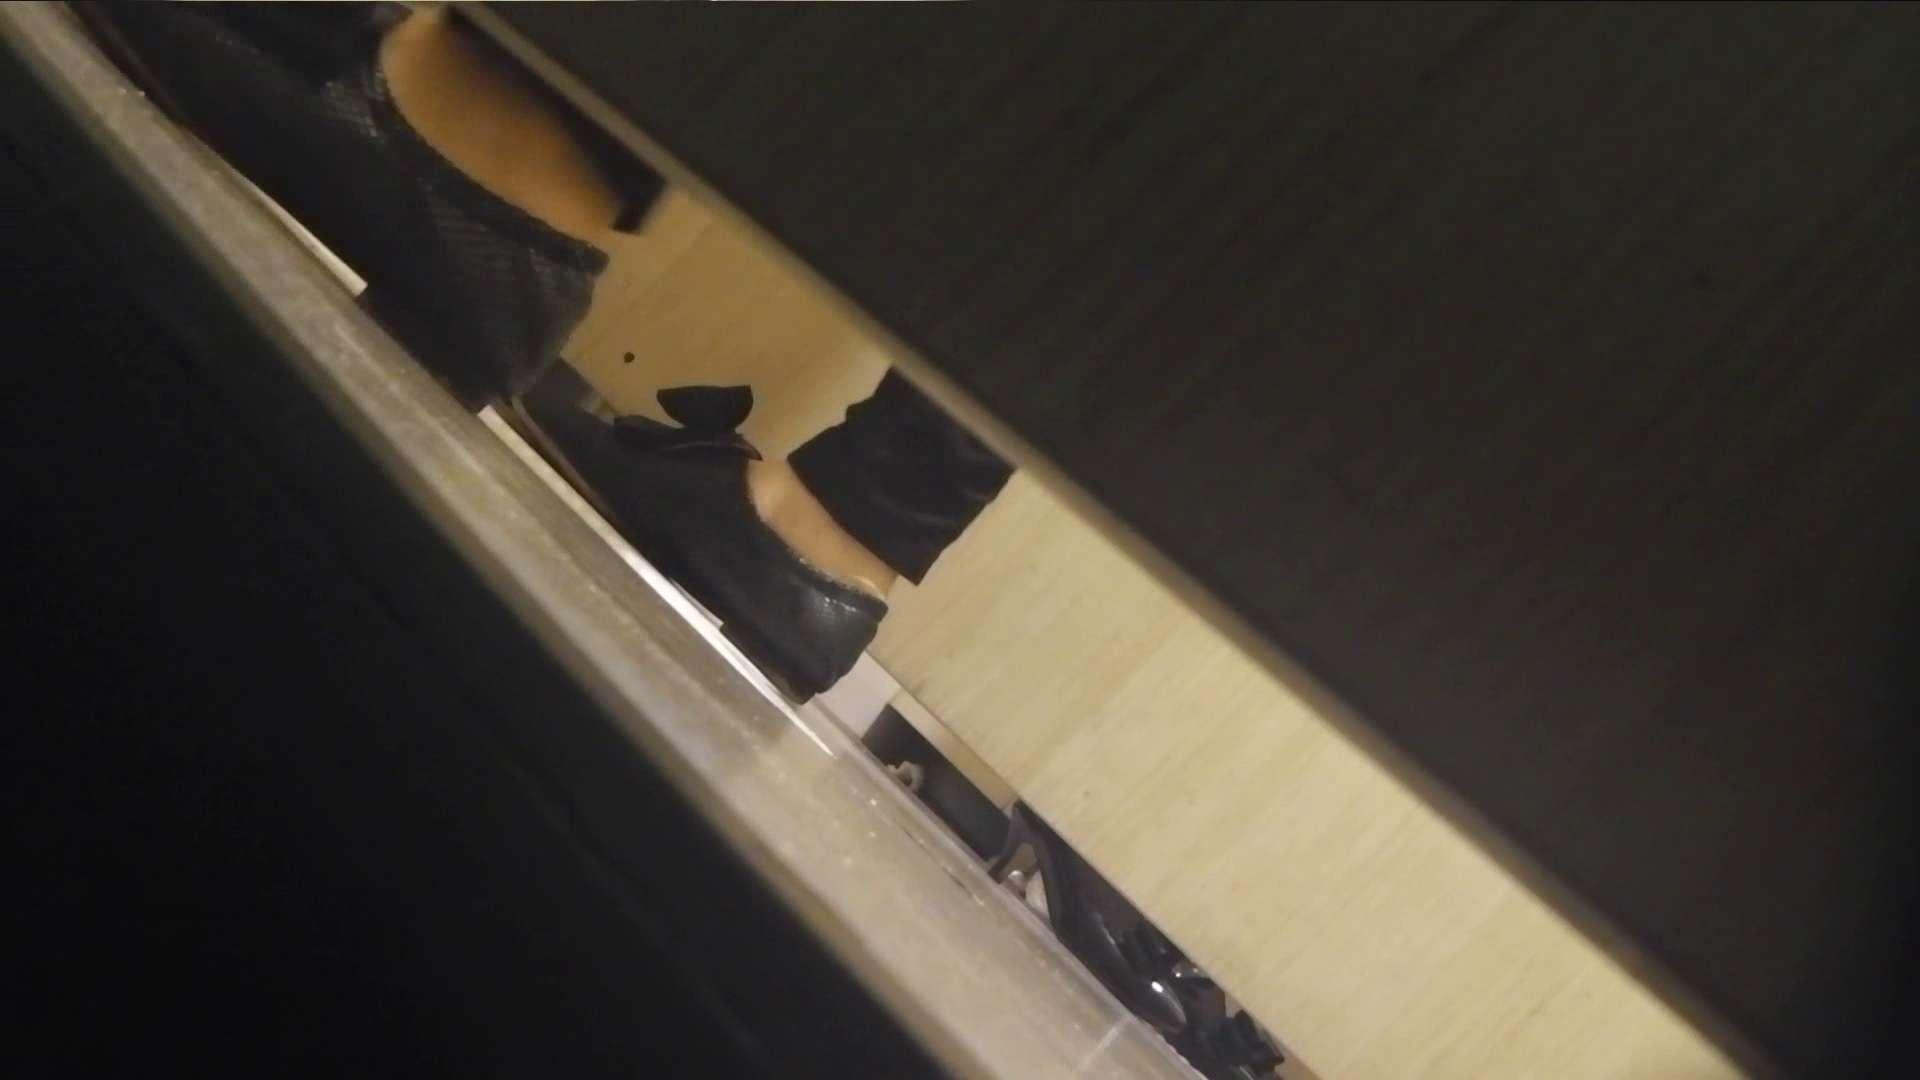 阿国ちゃんの「和式洋式七変化」No.17 美女 おめこ無修正動画無料 87画像 79